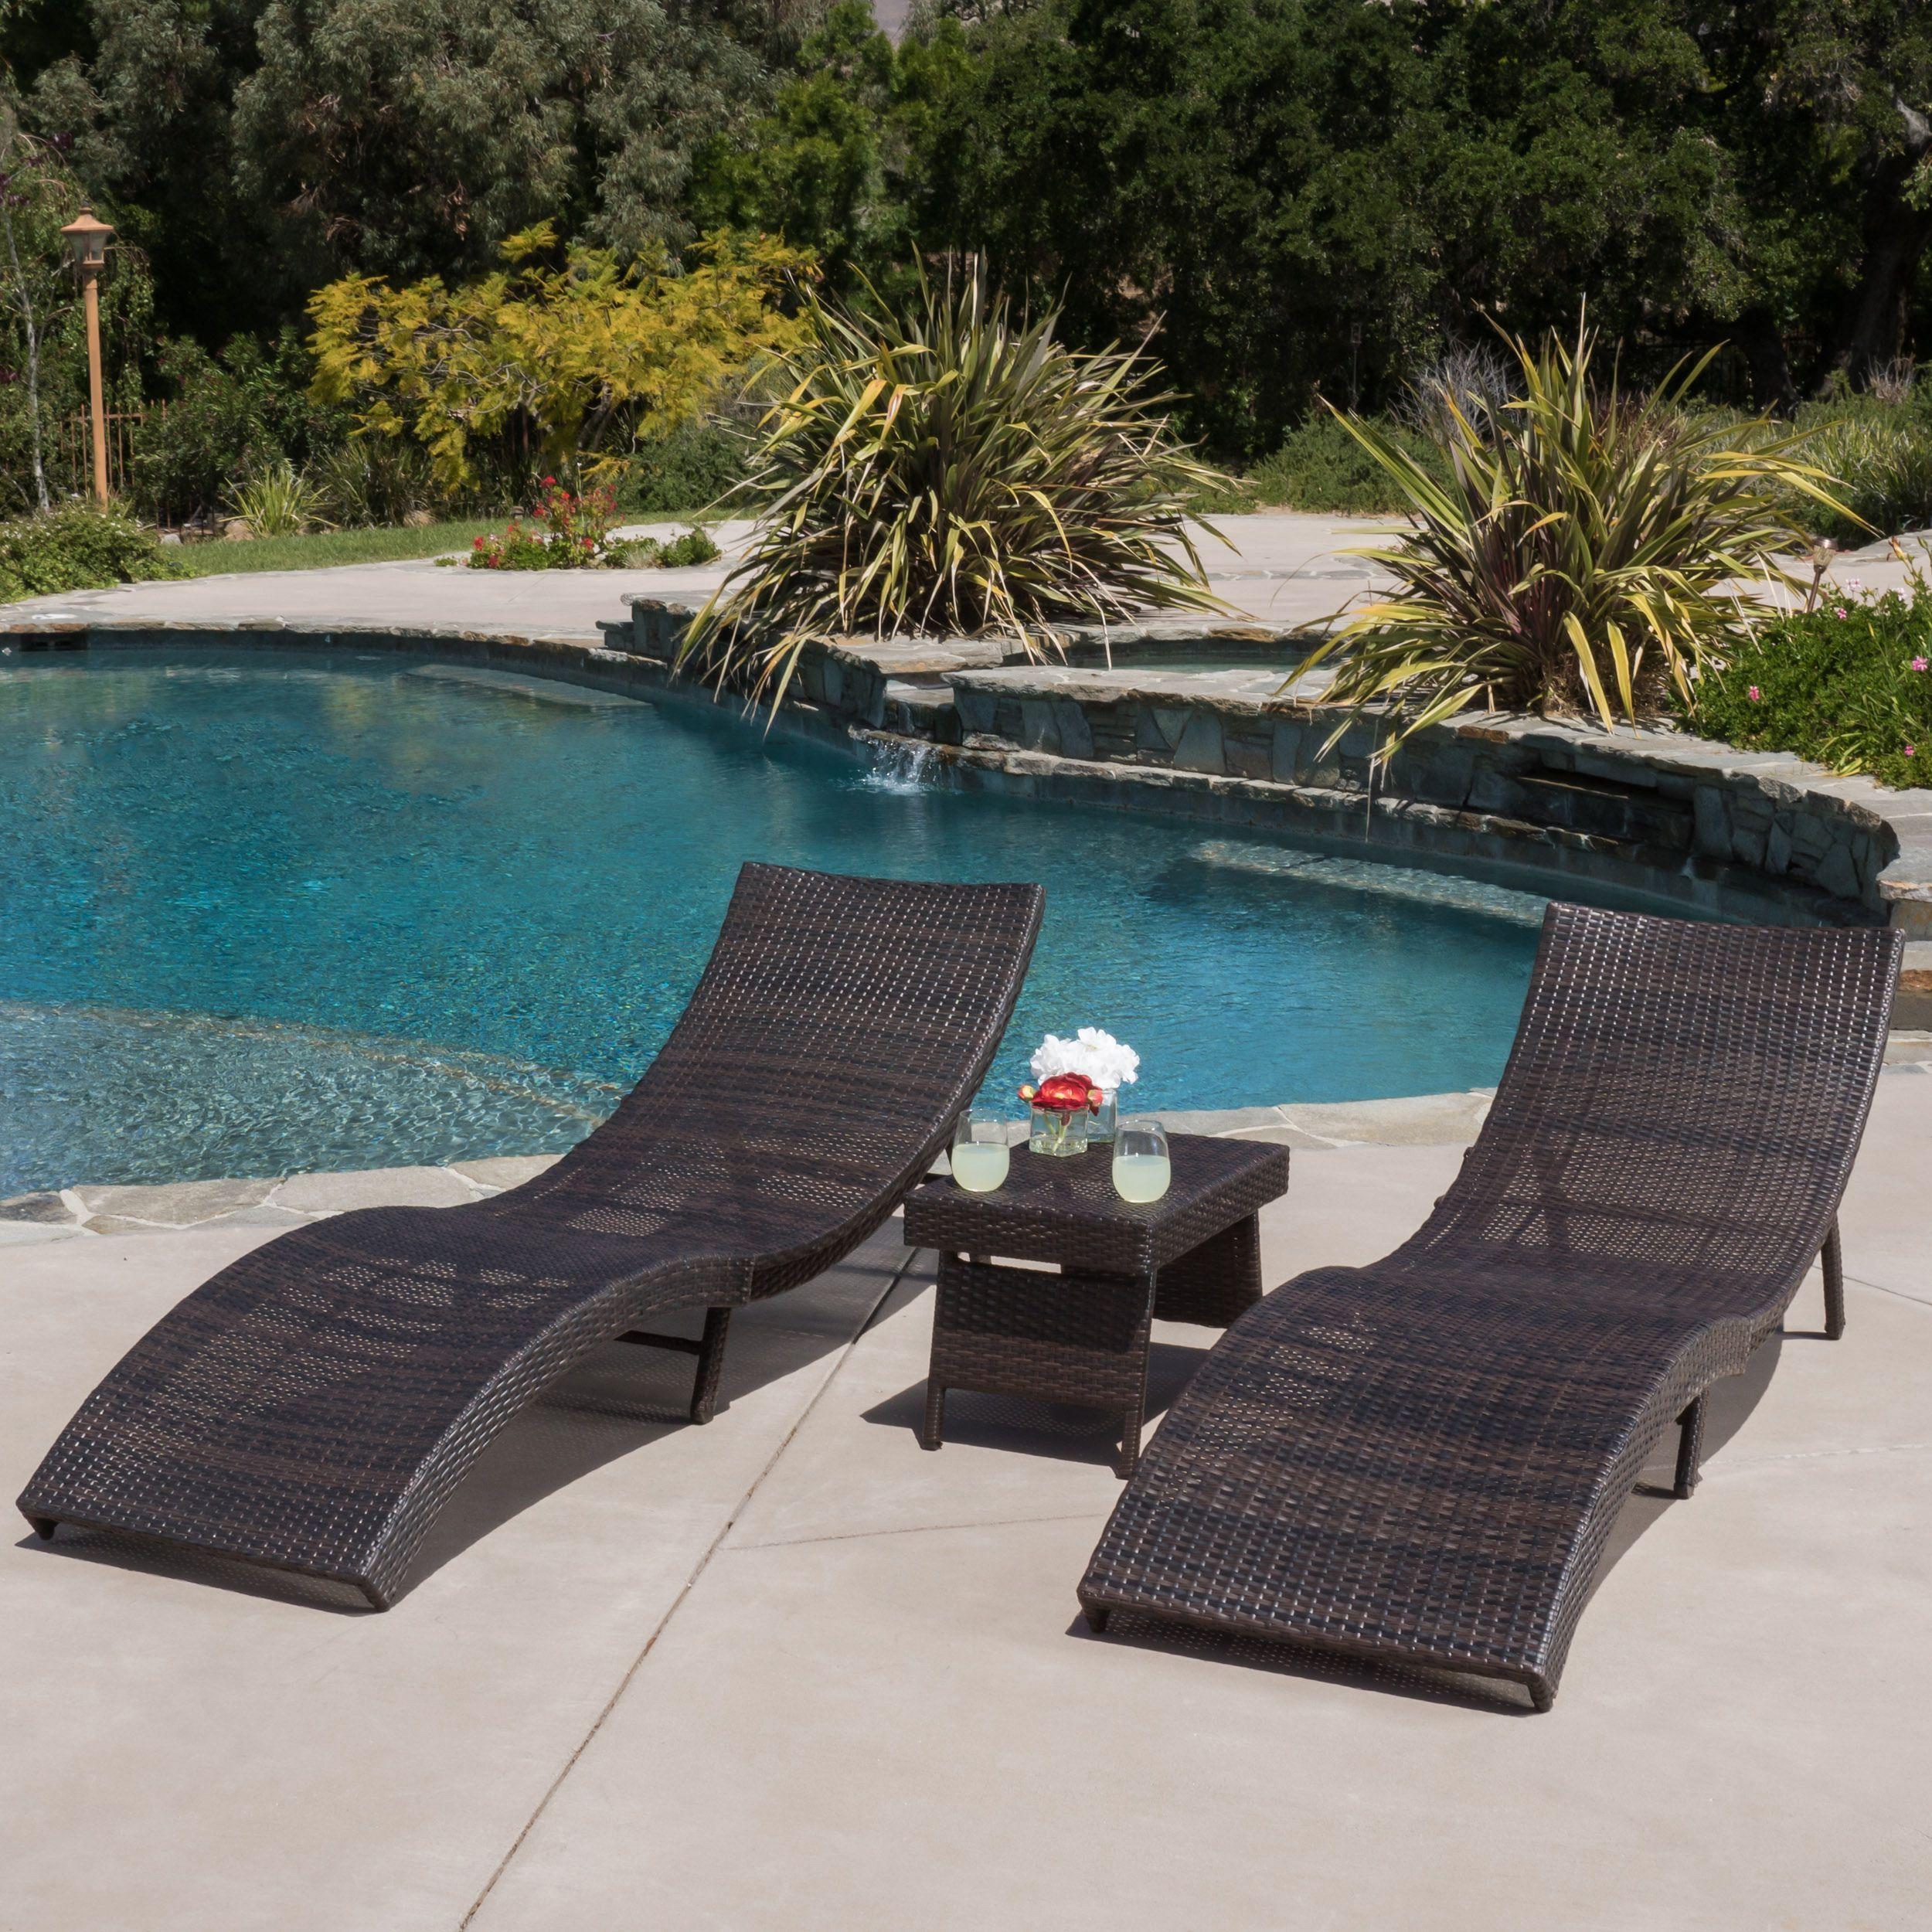 Our Best Patio Furniture Deals Cadeiras De Piscina Casas De Praia De Luxo Moveis De Piscina